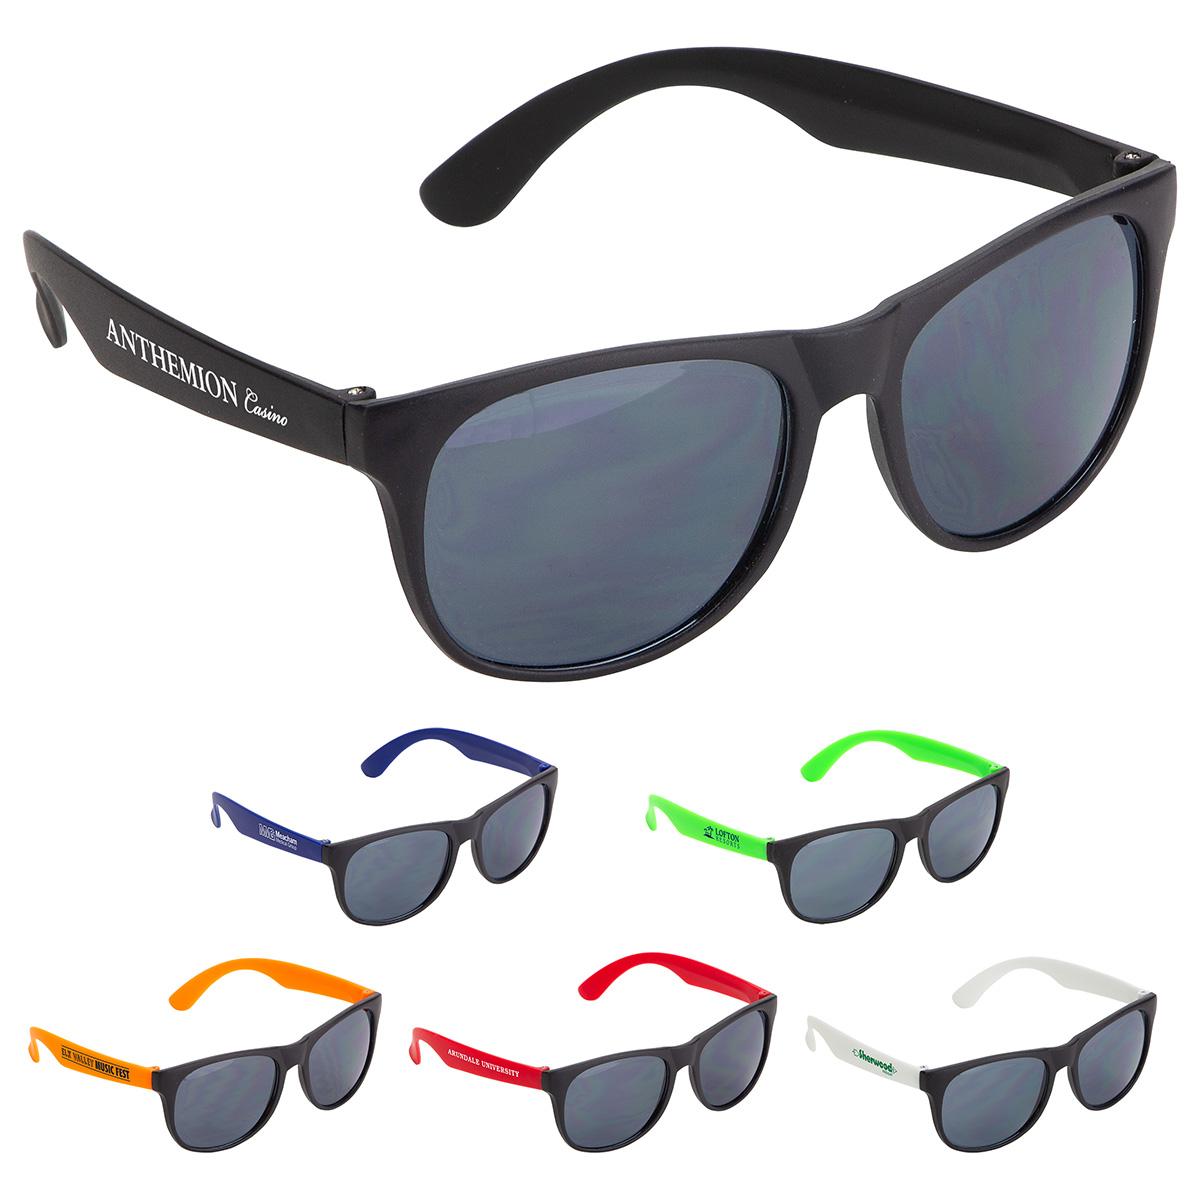 Naples Sunglasses, WPC-NP19, 1 Colour Imprint